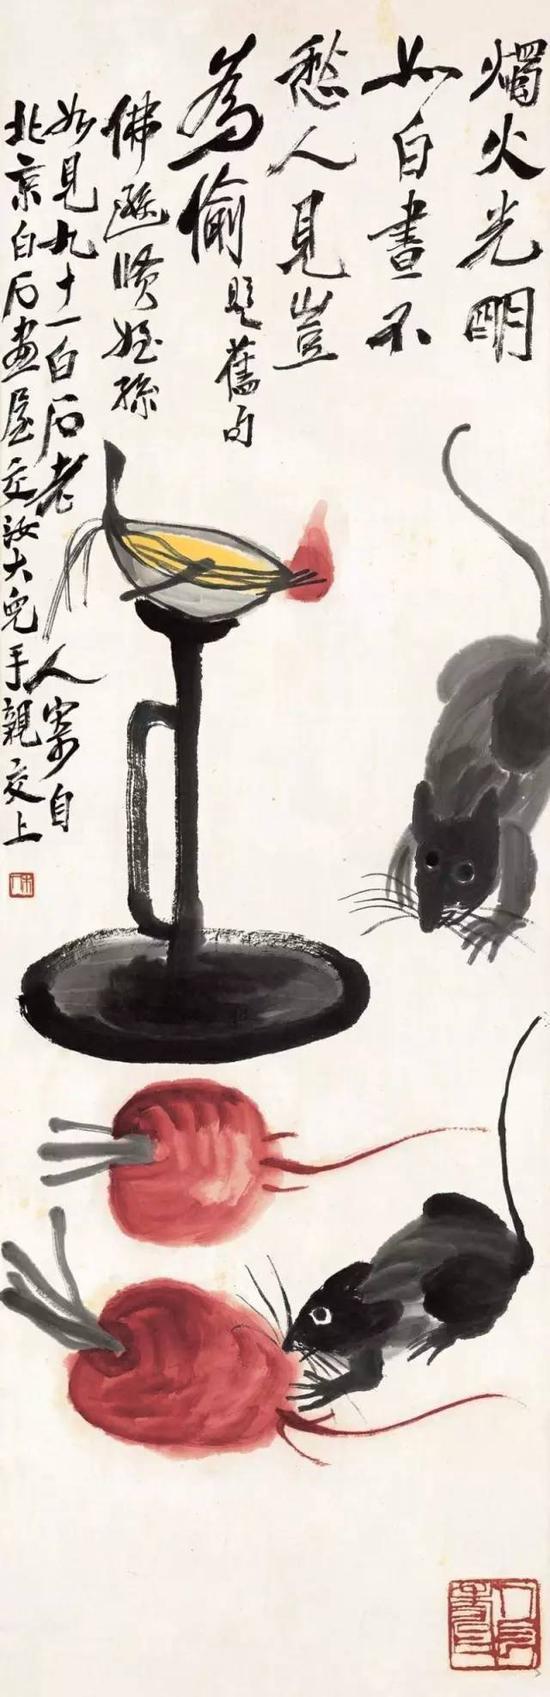 双鼠觅食图